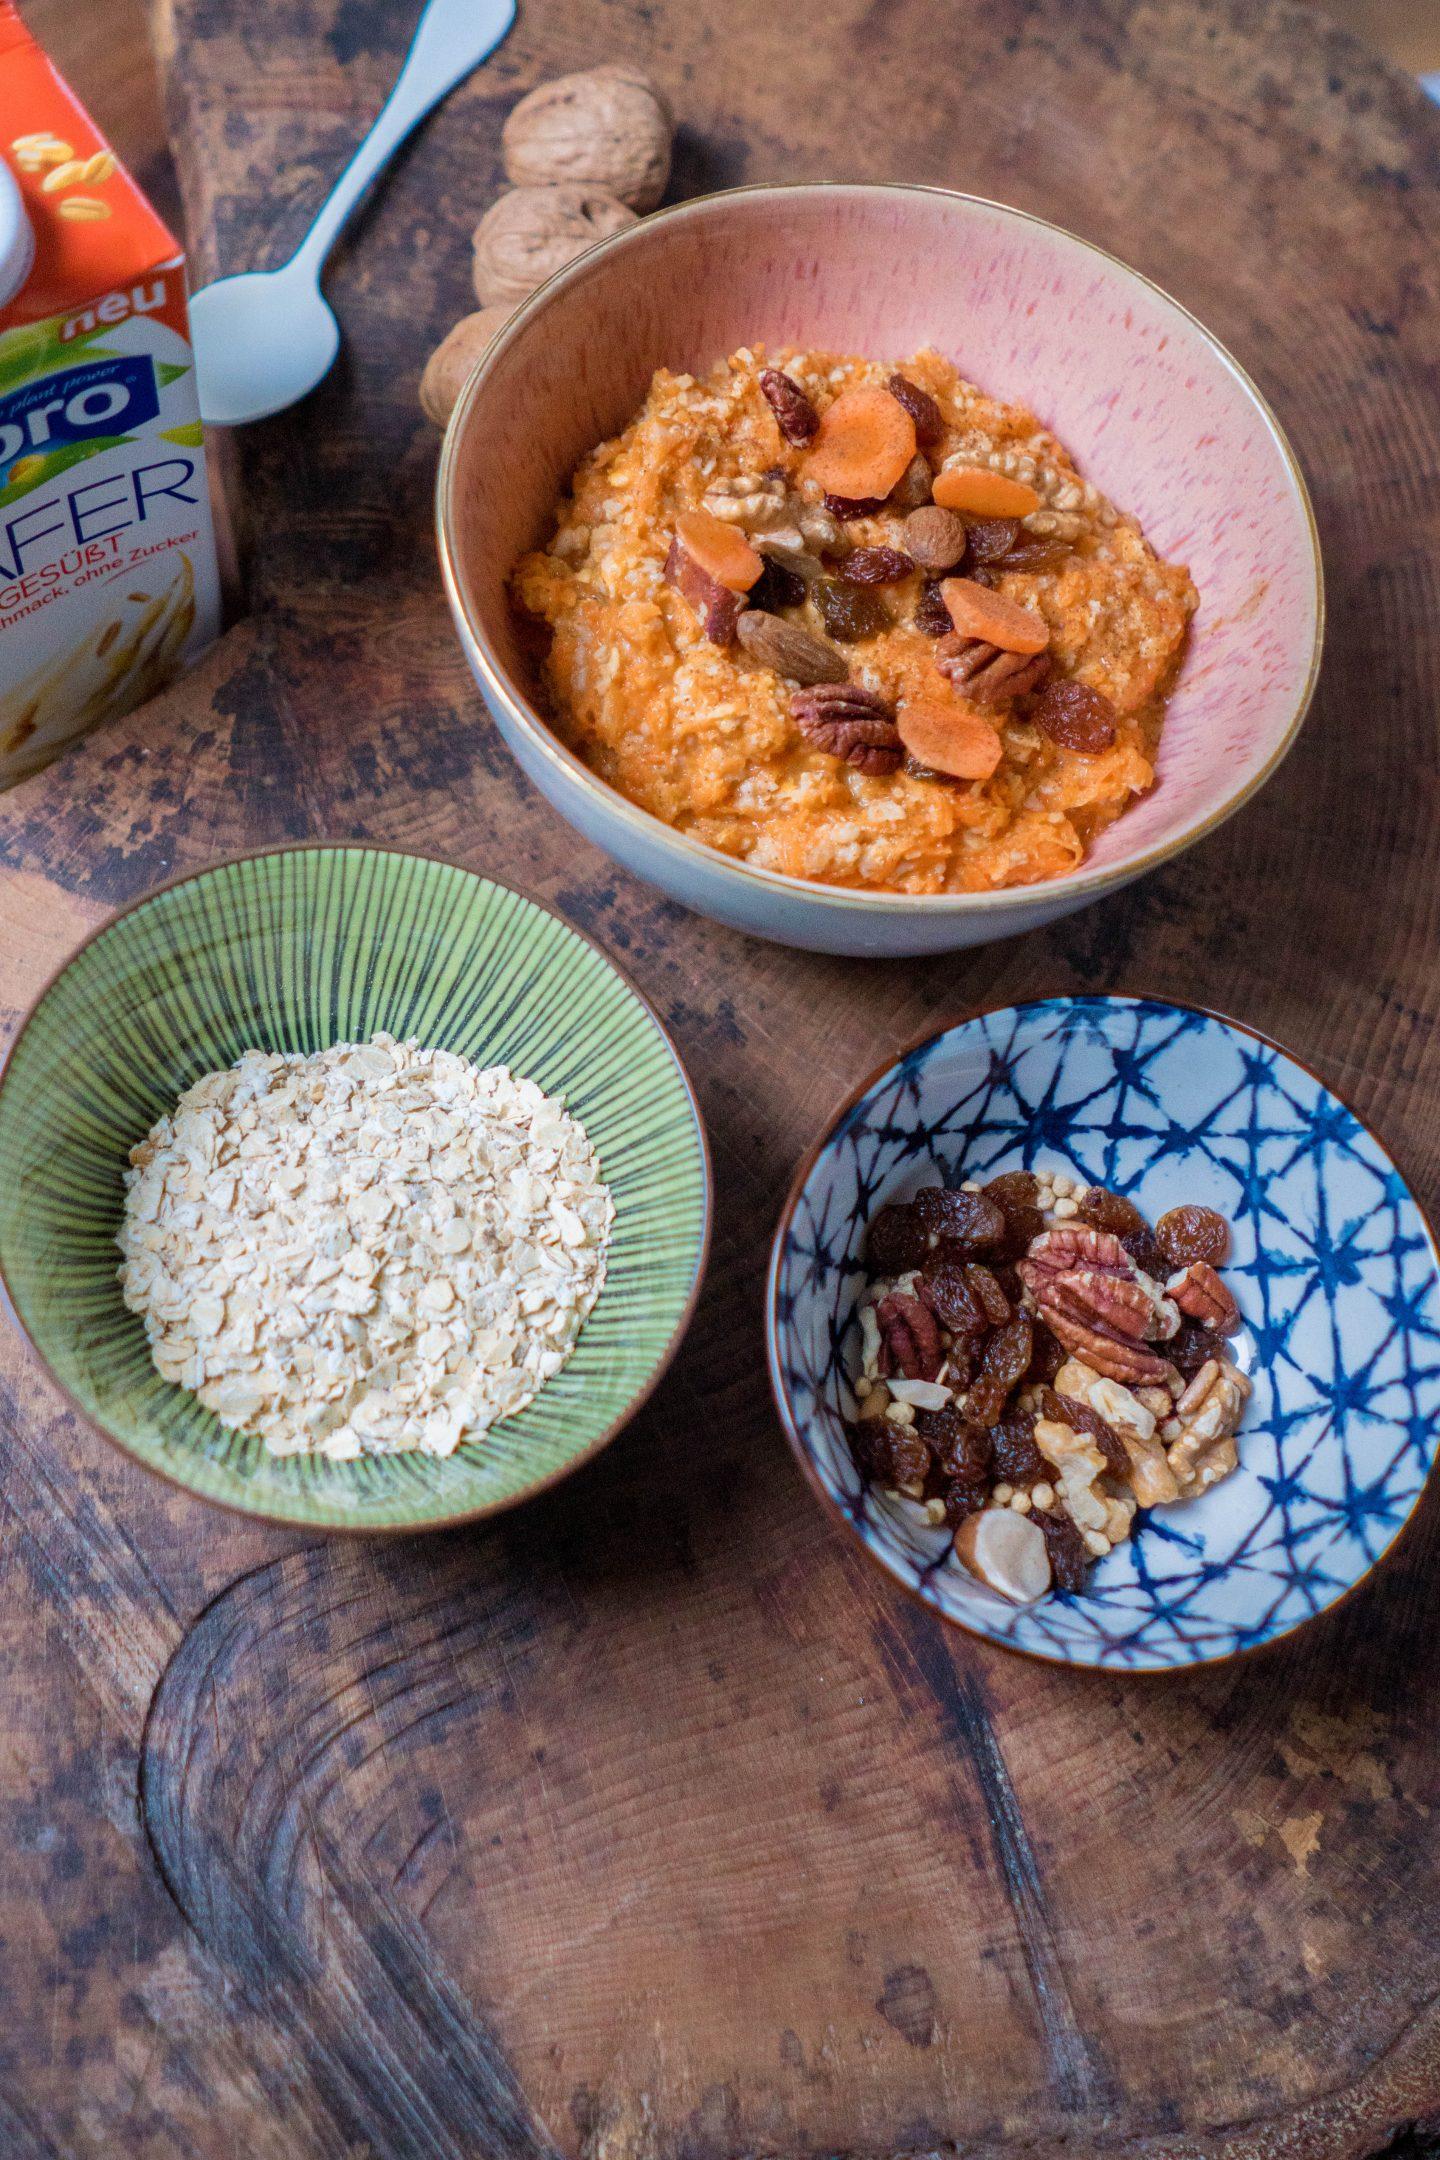 Zuckerkonsum reduzieren mit der Alpro 30 Tage Challenge - Carrot Cake Oats Rezept - Haferflocken mit Möhren